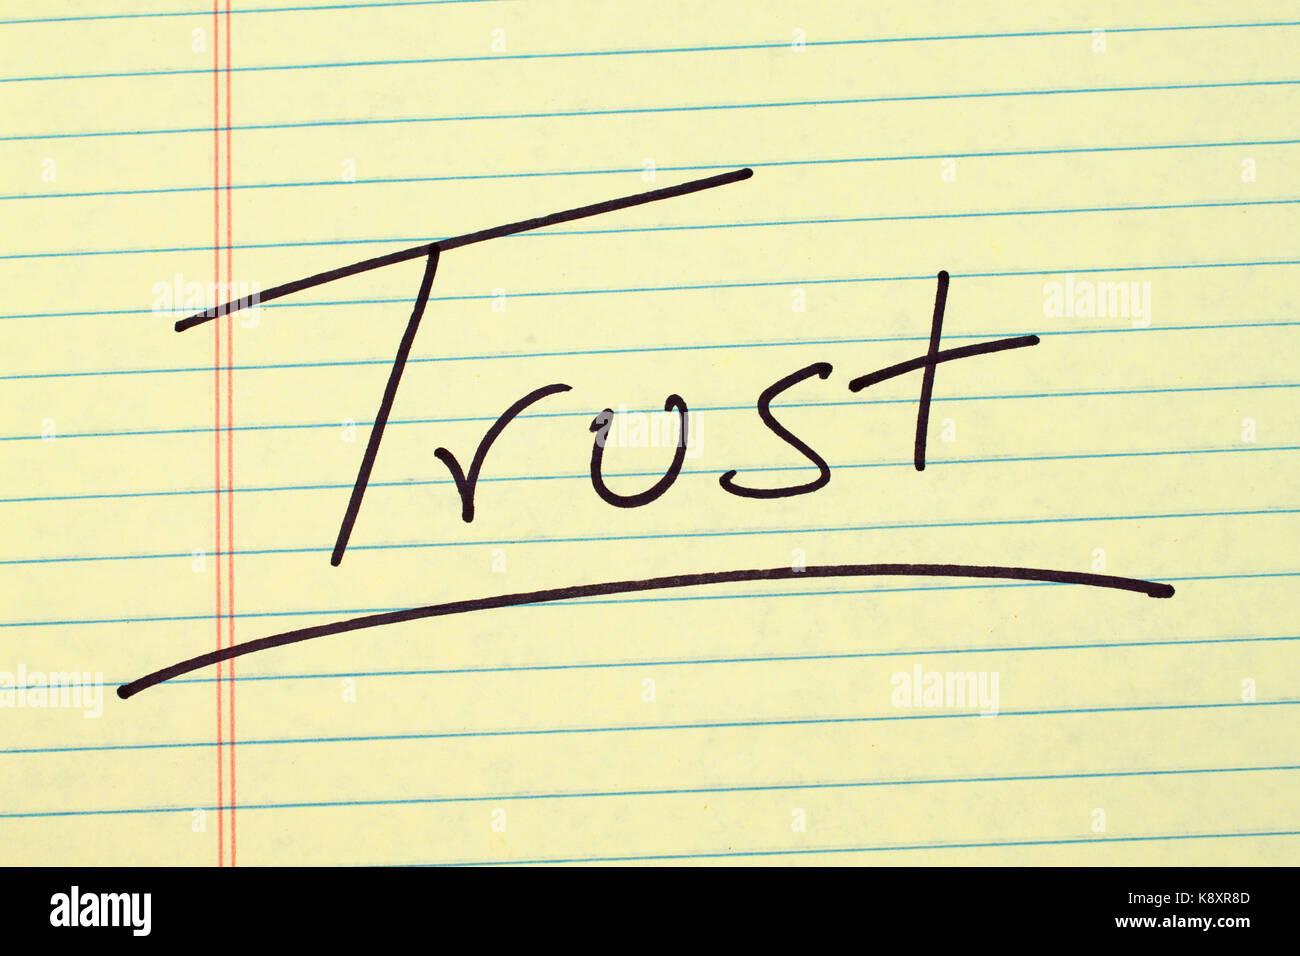 La palabra 'confianza' subrayó en un bloc de notas de papel amarillo Imagen De Stock